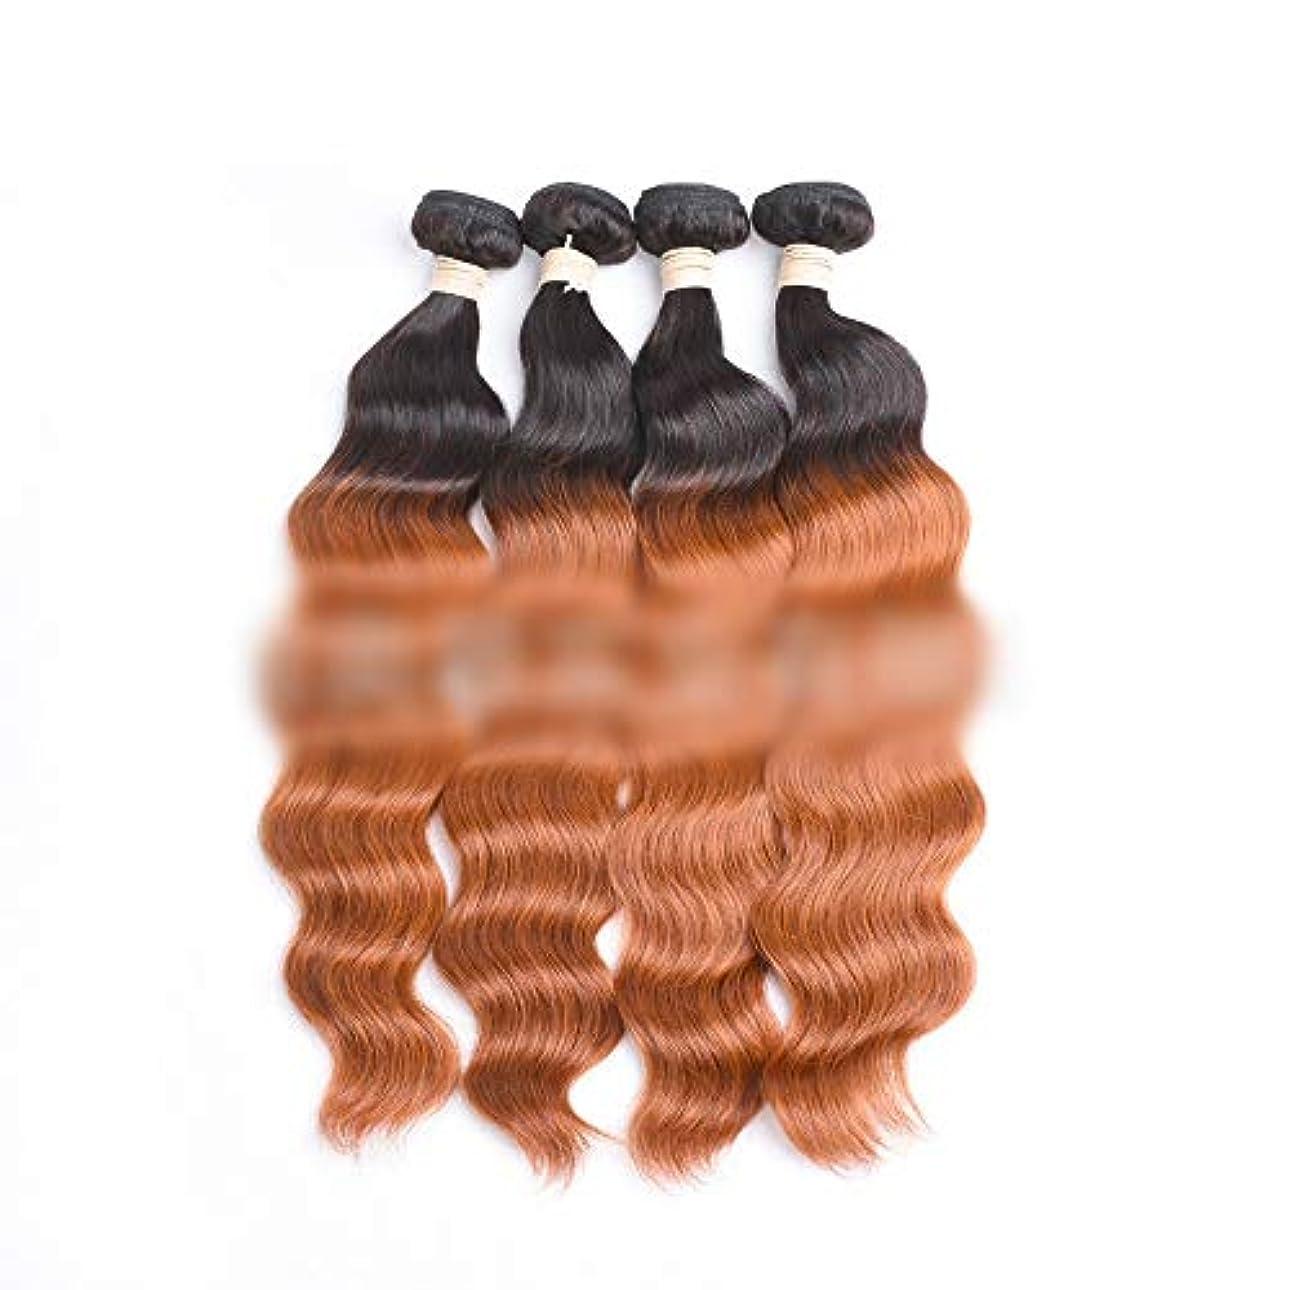 修正するデザイナーまもなくWASAIO #30明るいブラウン色 - ハロウィンヘアアクセサリーウィッグは女性1つのバンドル未処理の人毛エクステンション用キャップ (色 : ブラウン, サイズ : 20 inch)